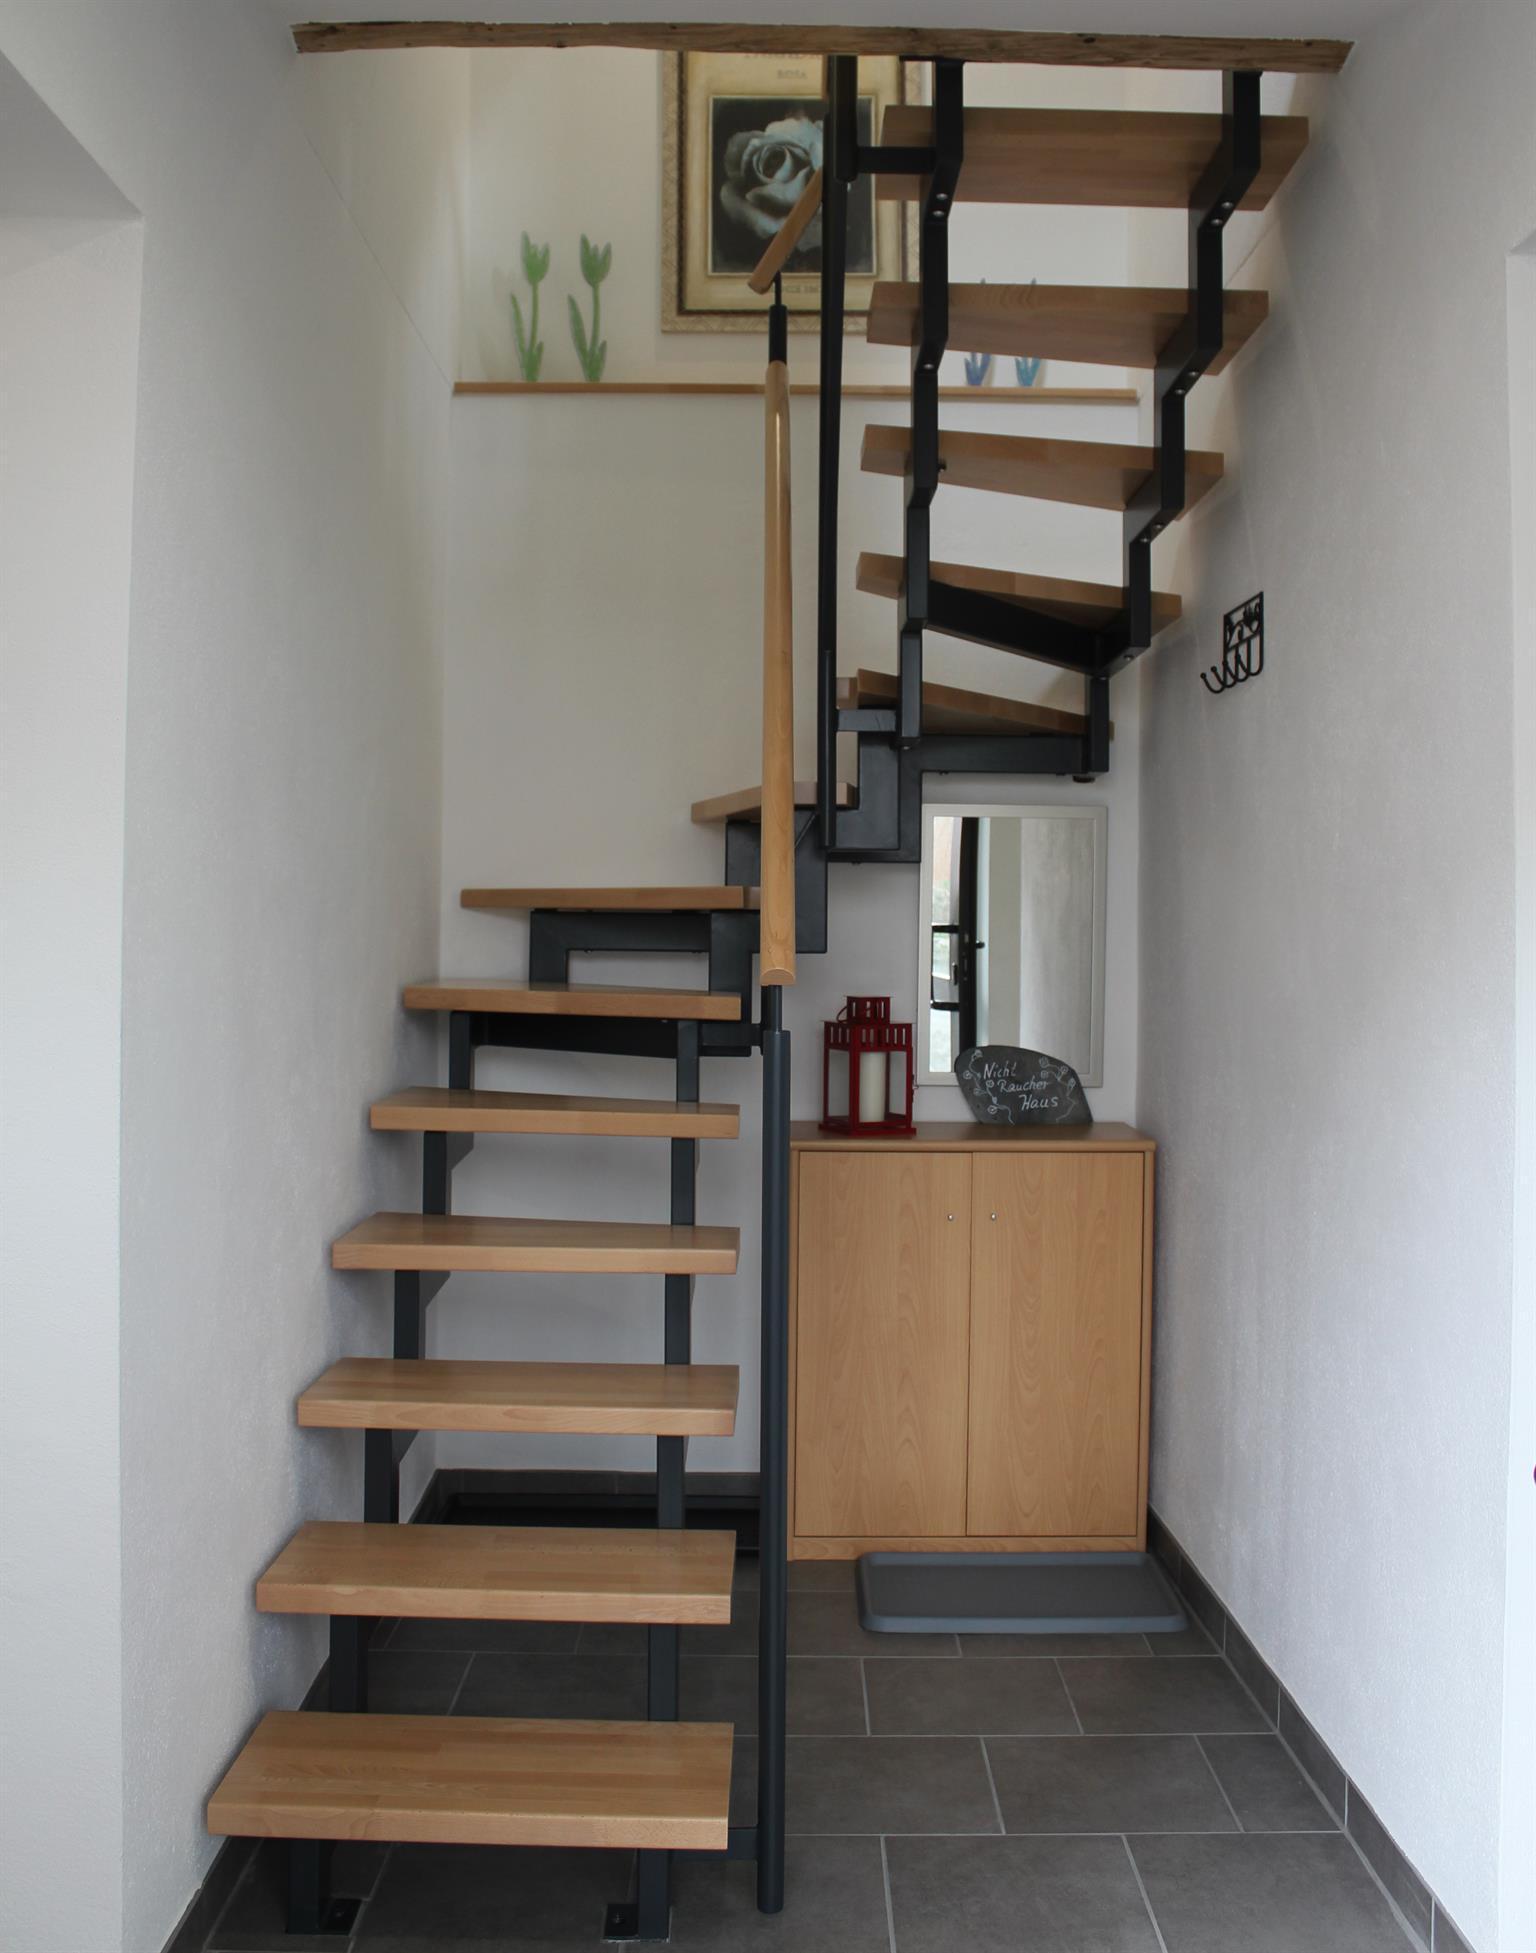 Treppenaufgang zum 1. Stockwerk